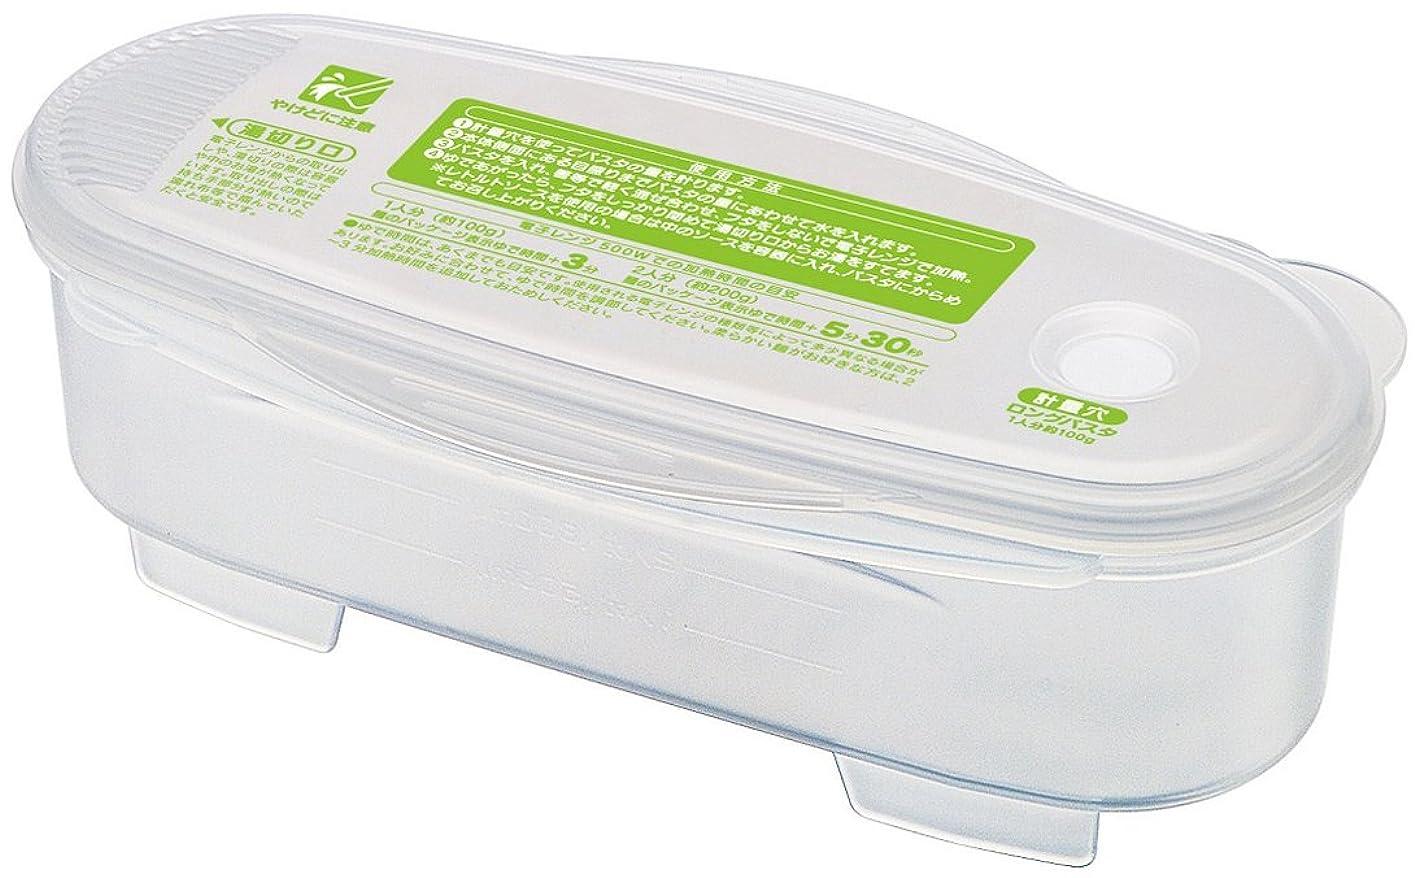 開梱トランジスタ液体スケーター ゆでパスタ調理ケース ベーシック UDP2